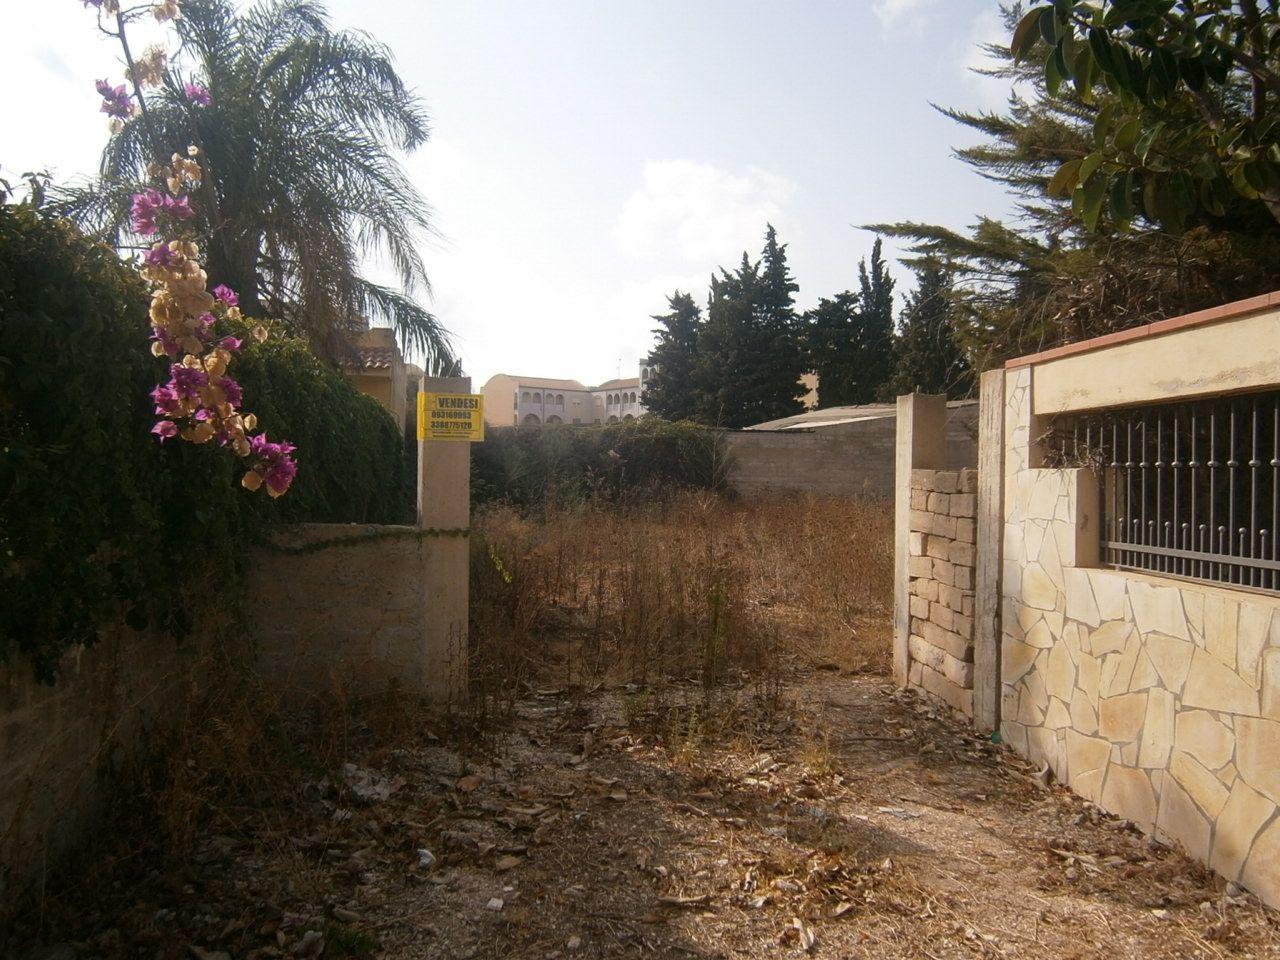 Terreno in vendita Rif. 4139981